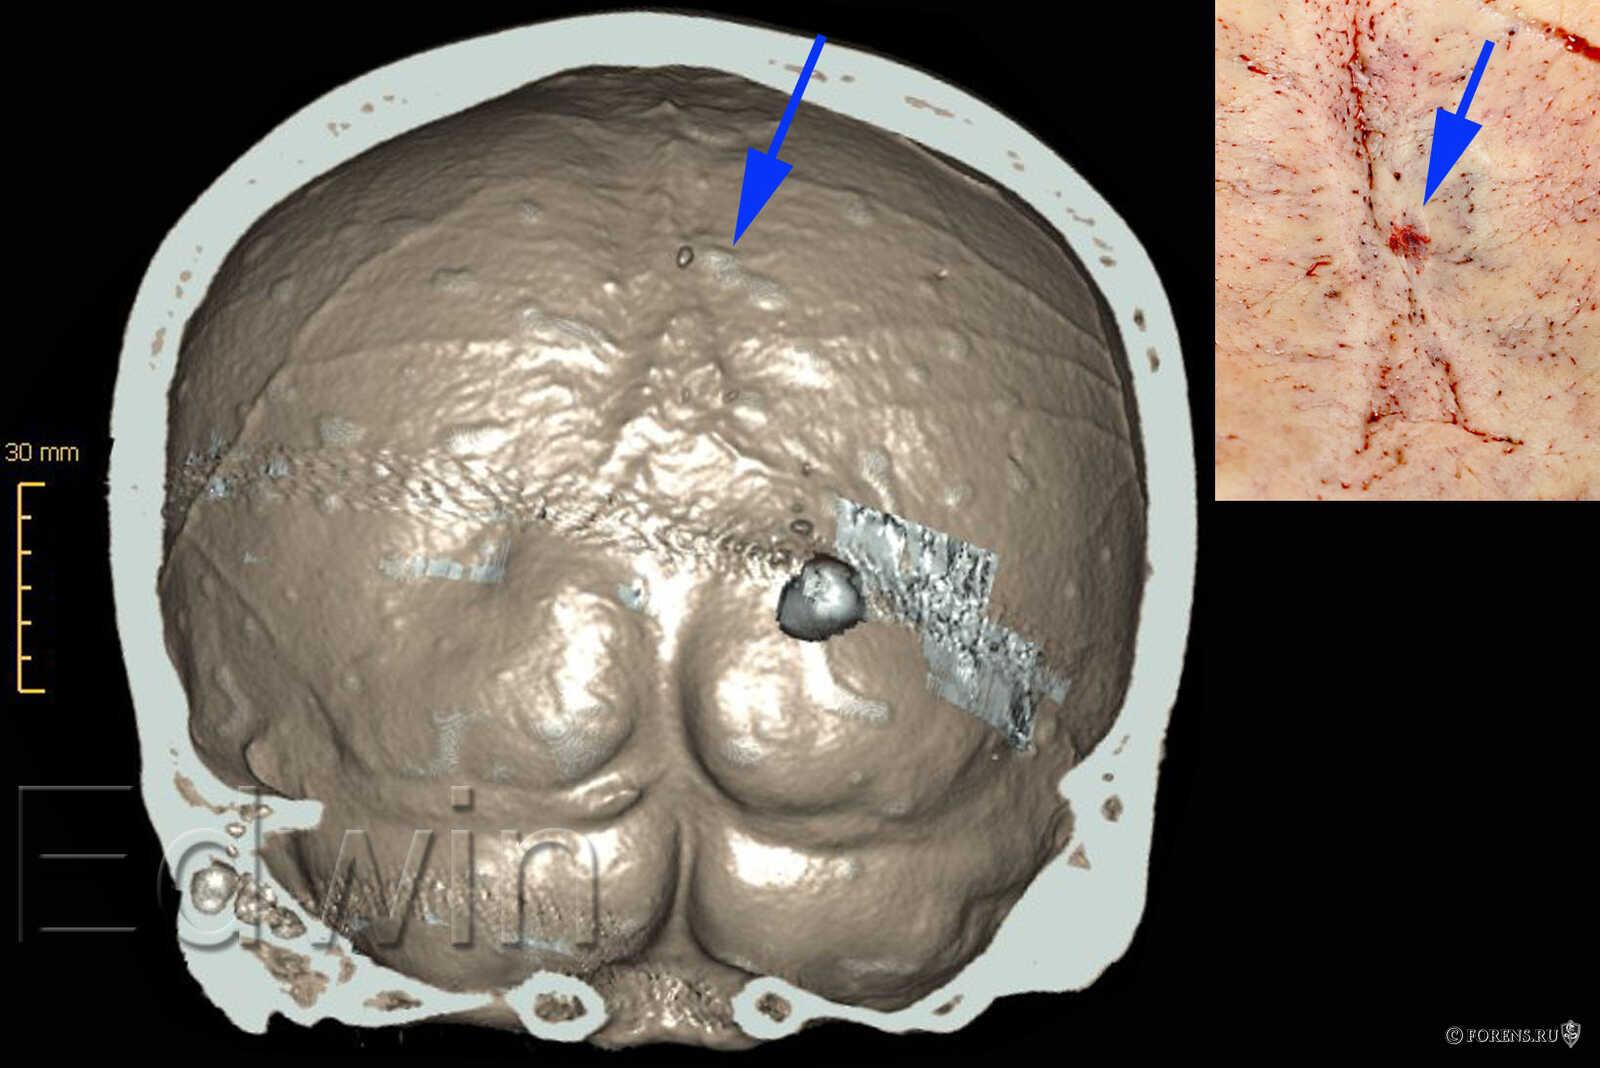 Затылочная кость изнутри с поверхностным дефектом внутренней компактной пластинки